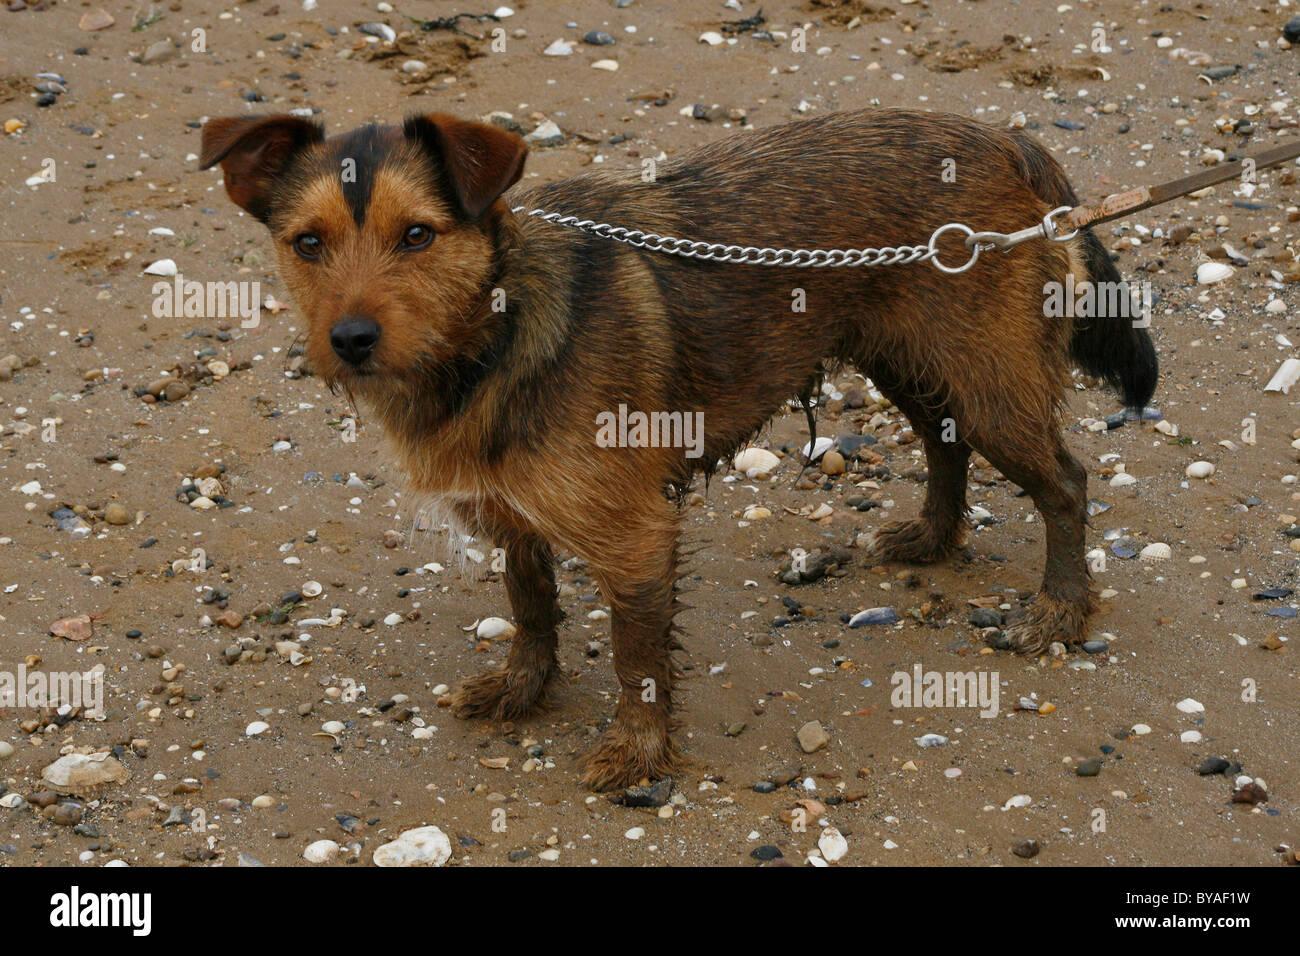 muddy dog on cleethorpes beach - Stock Image